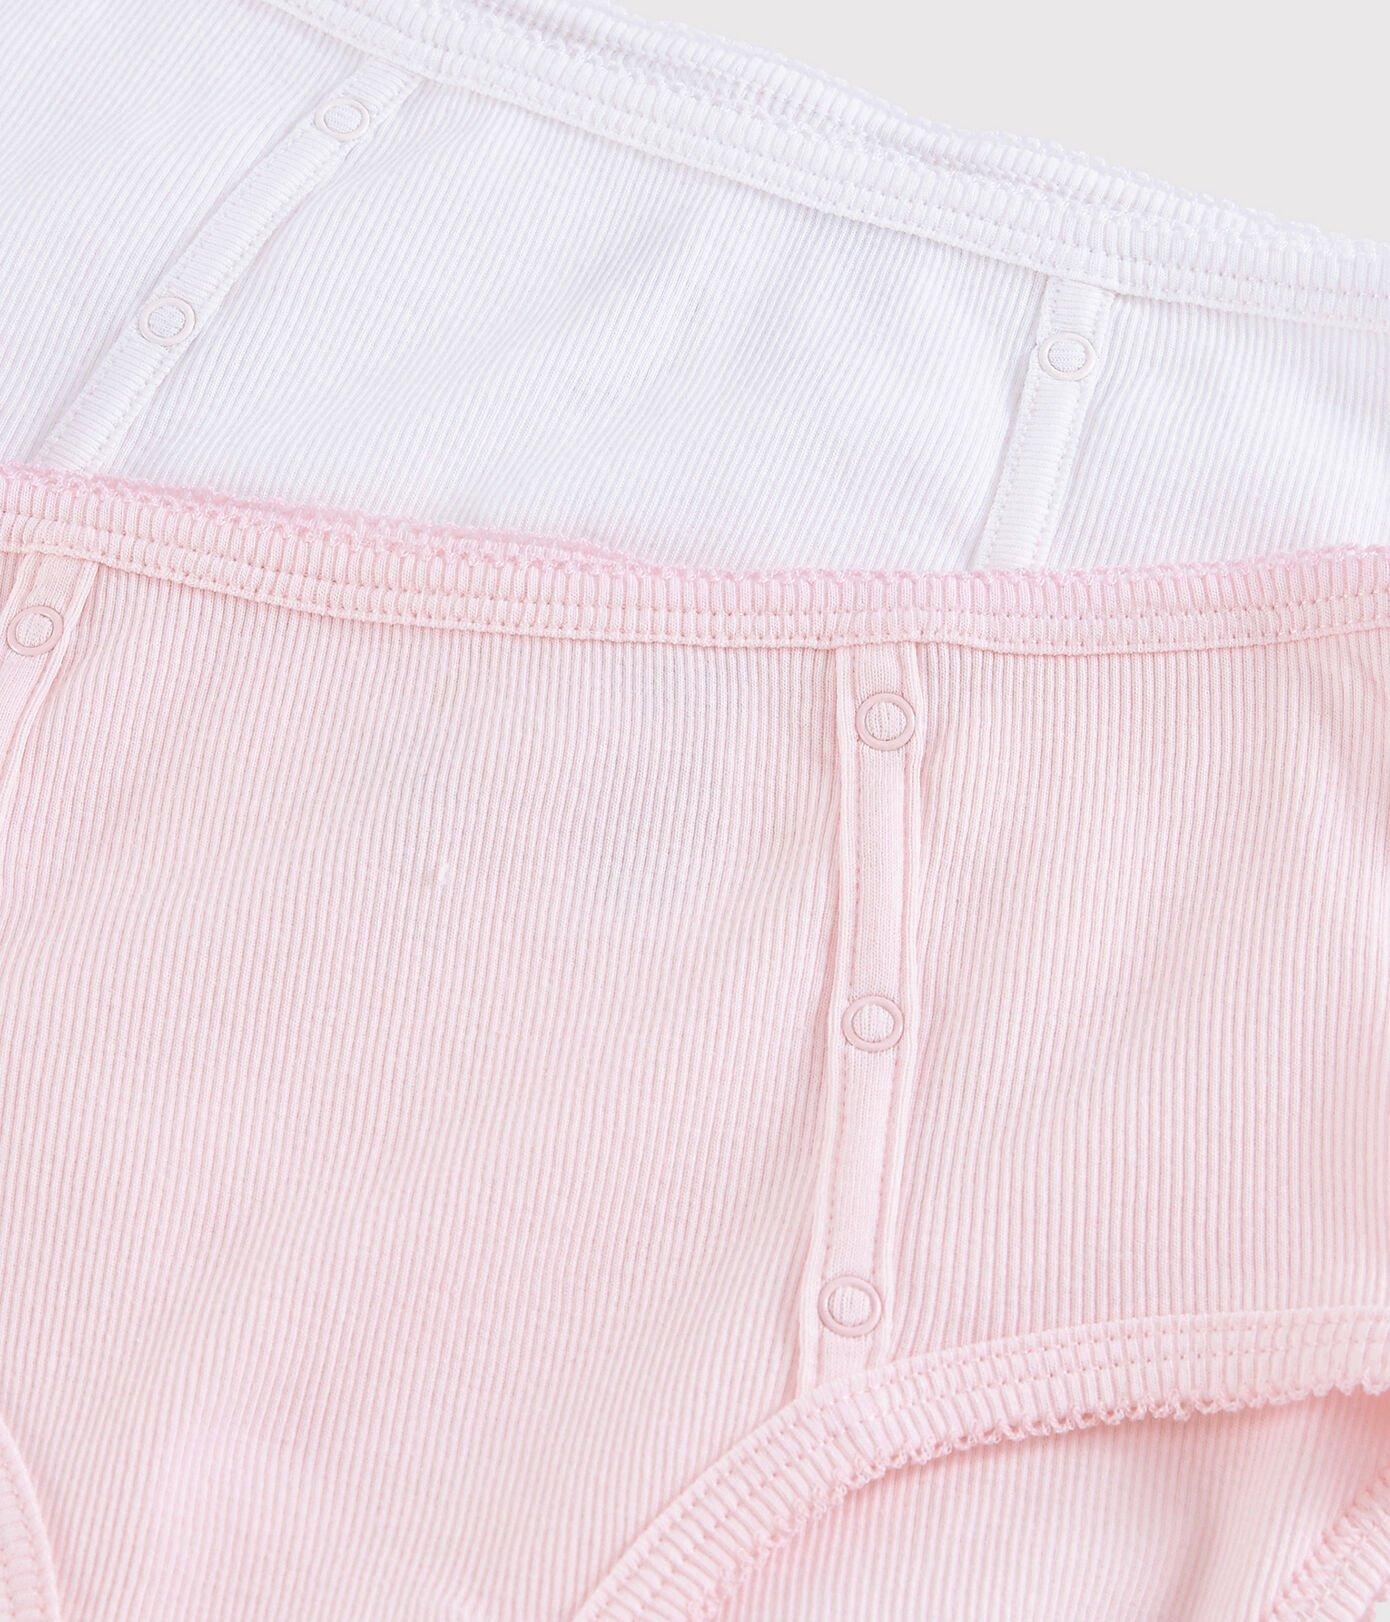 Lot de deux culottes en coton léger, taille haute, avec pressions décoratives esprit Vintage, Petit Bateau, 29,90€.